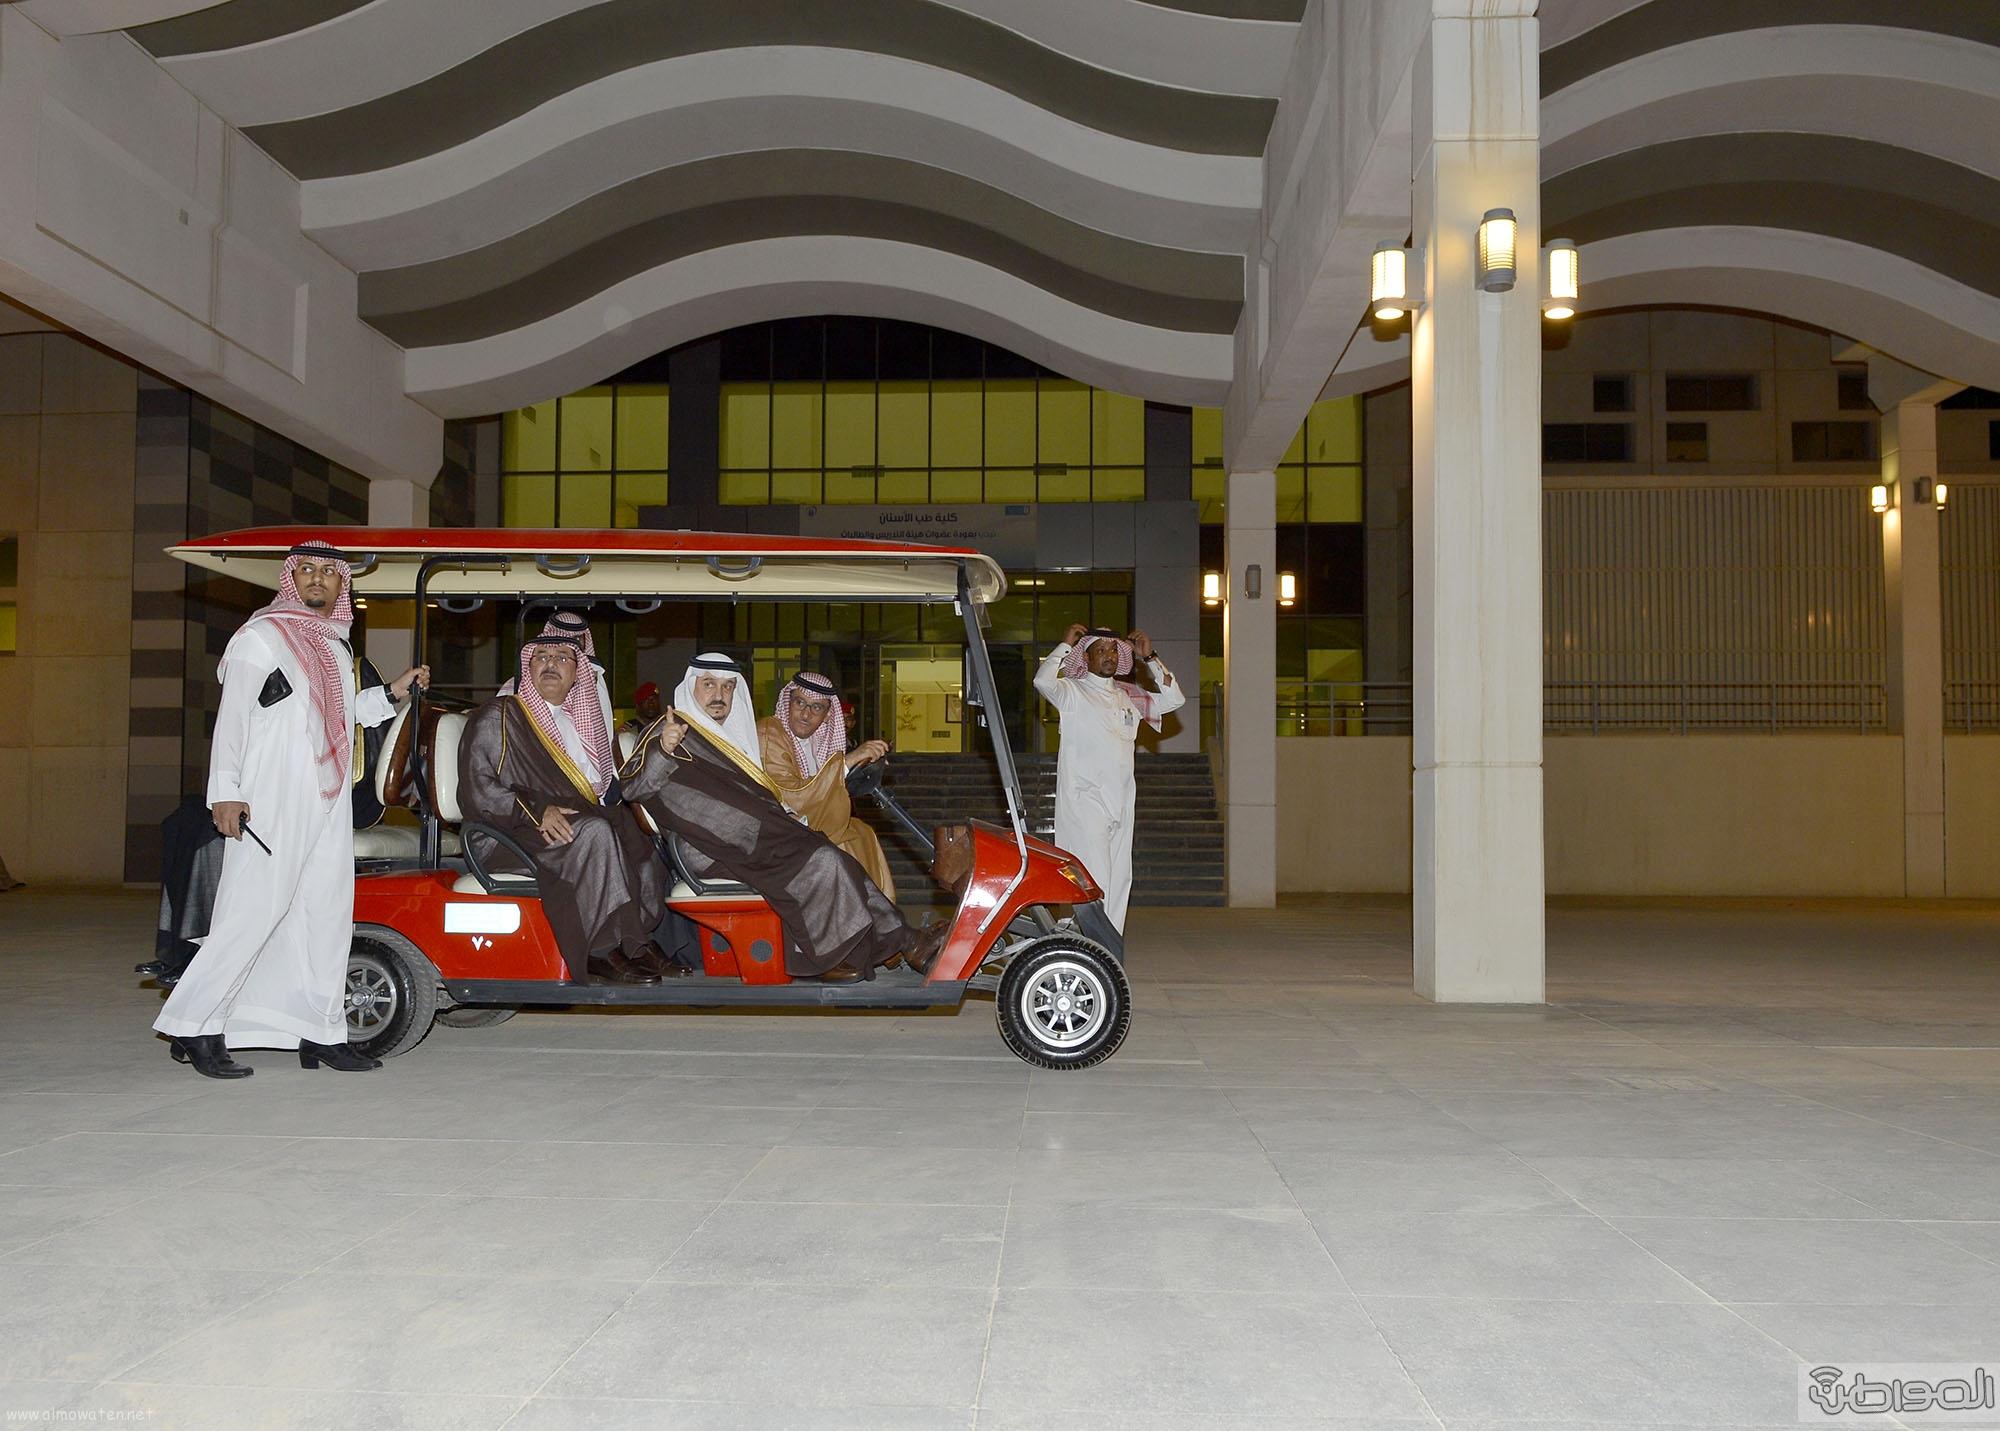 امير الرياض خلال رعاية طموح ملك لمستقبل وطن (26)